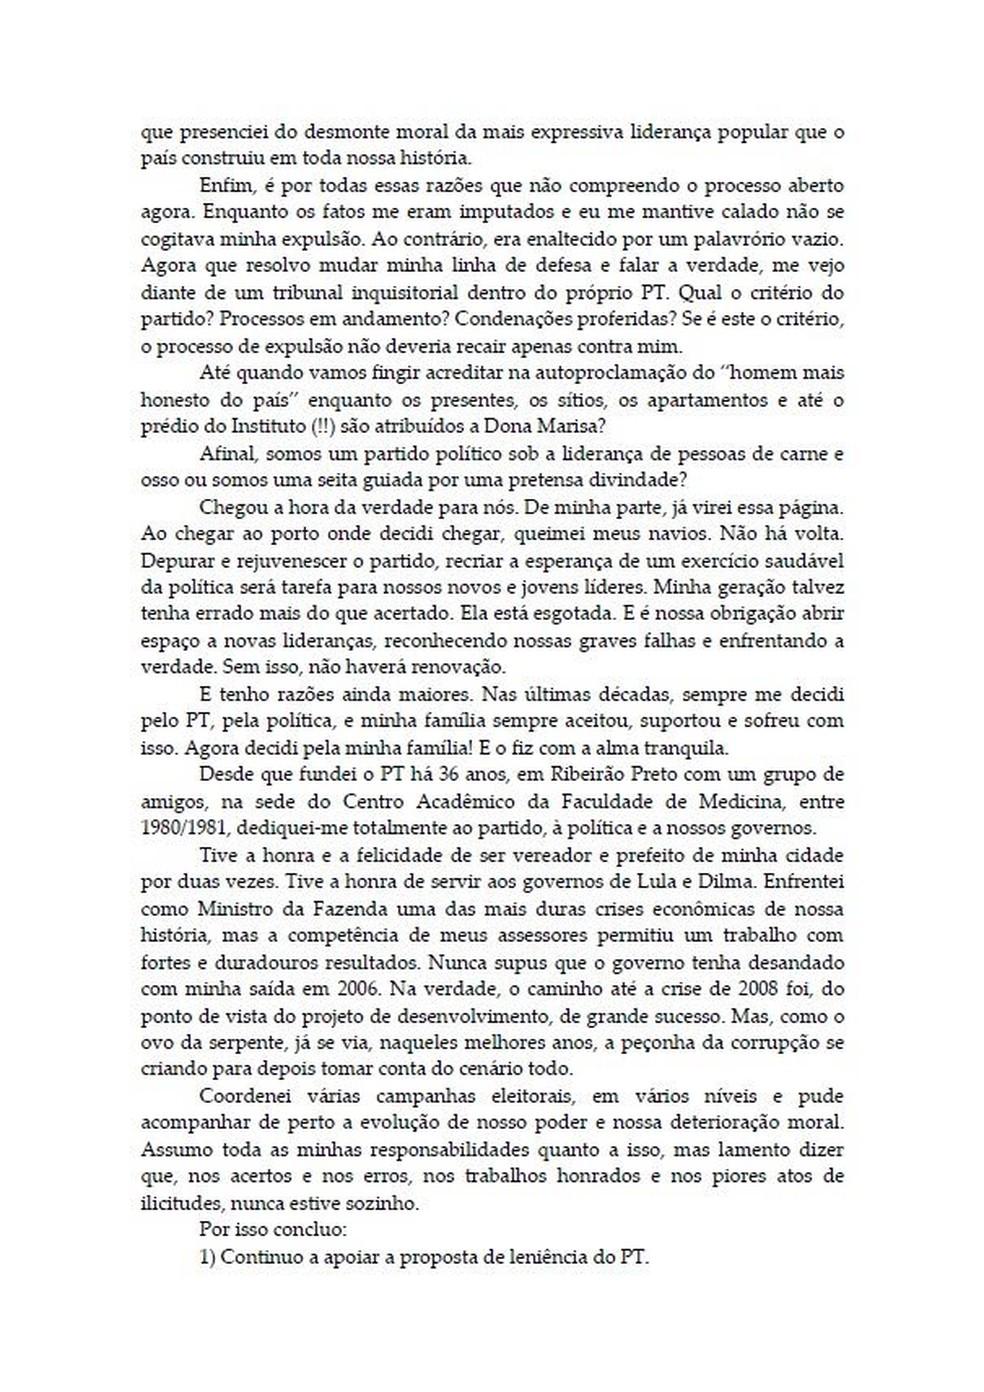 Carta Palocci 3 (Foto: Reprodução)